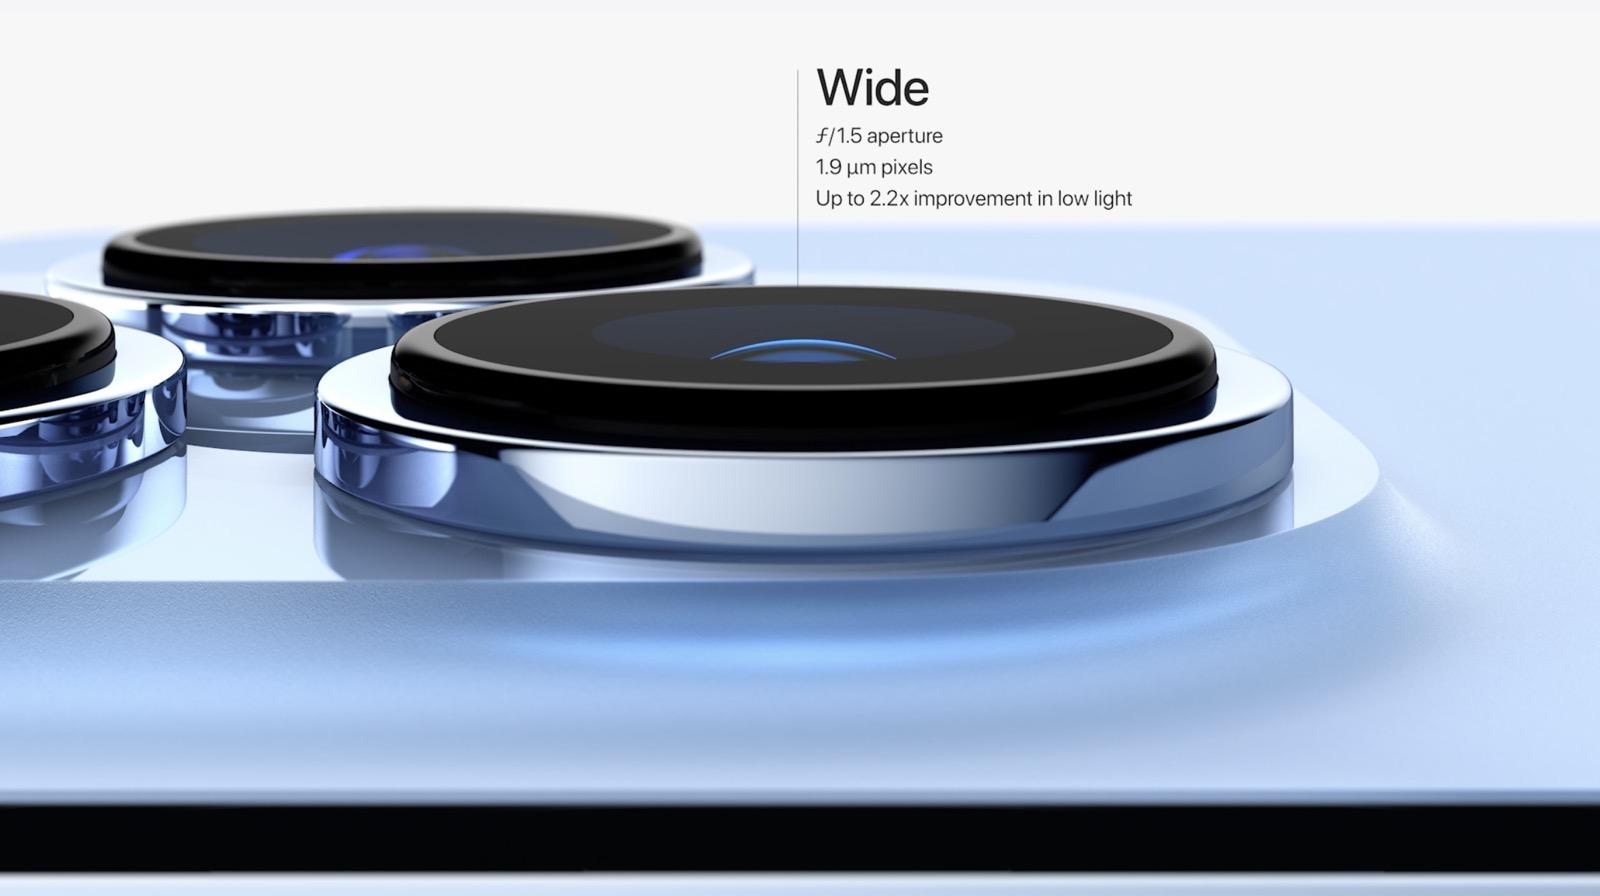 iPhone 13 Proの広角レンズ仕様